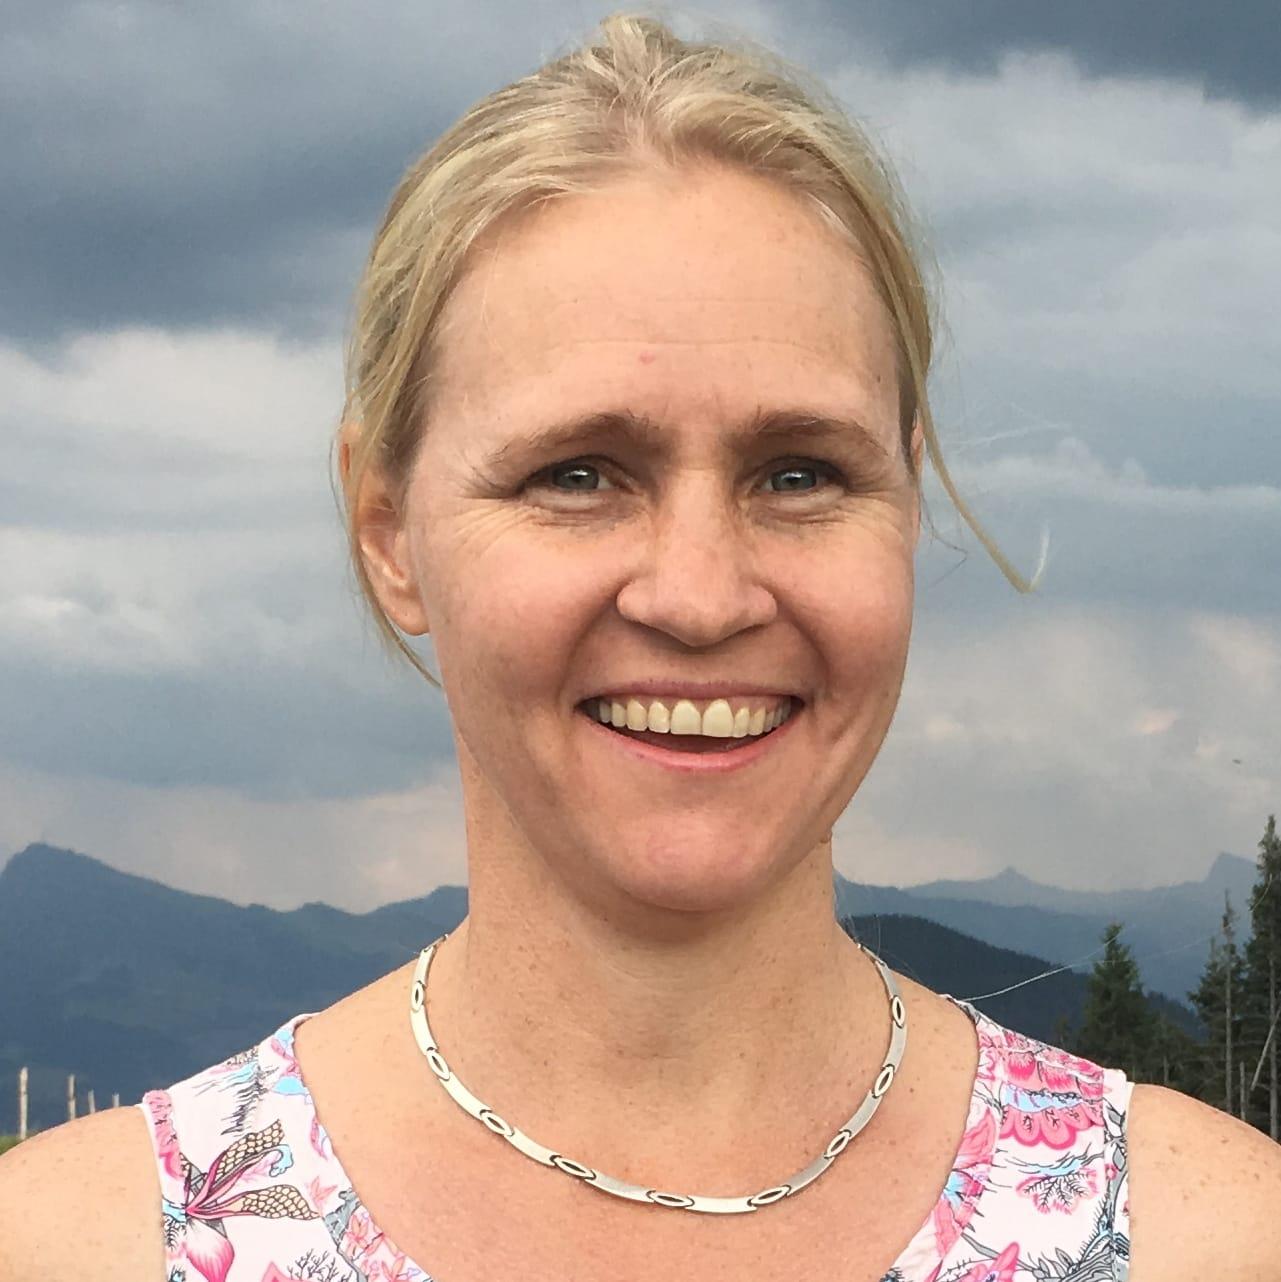 Karen Powell Money On Purpose Testimonial_Steffi Teetz 1